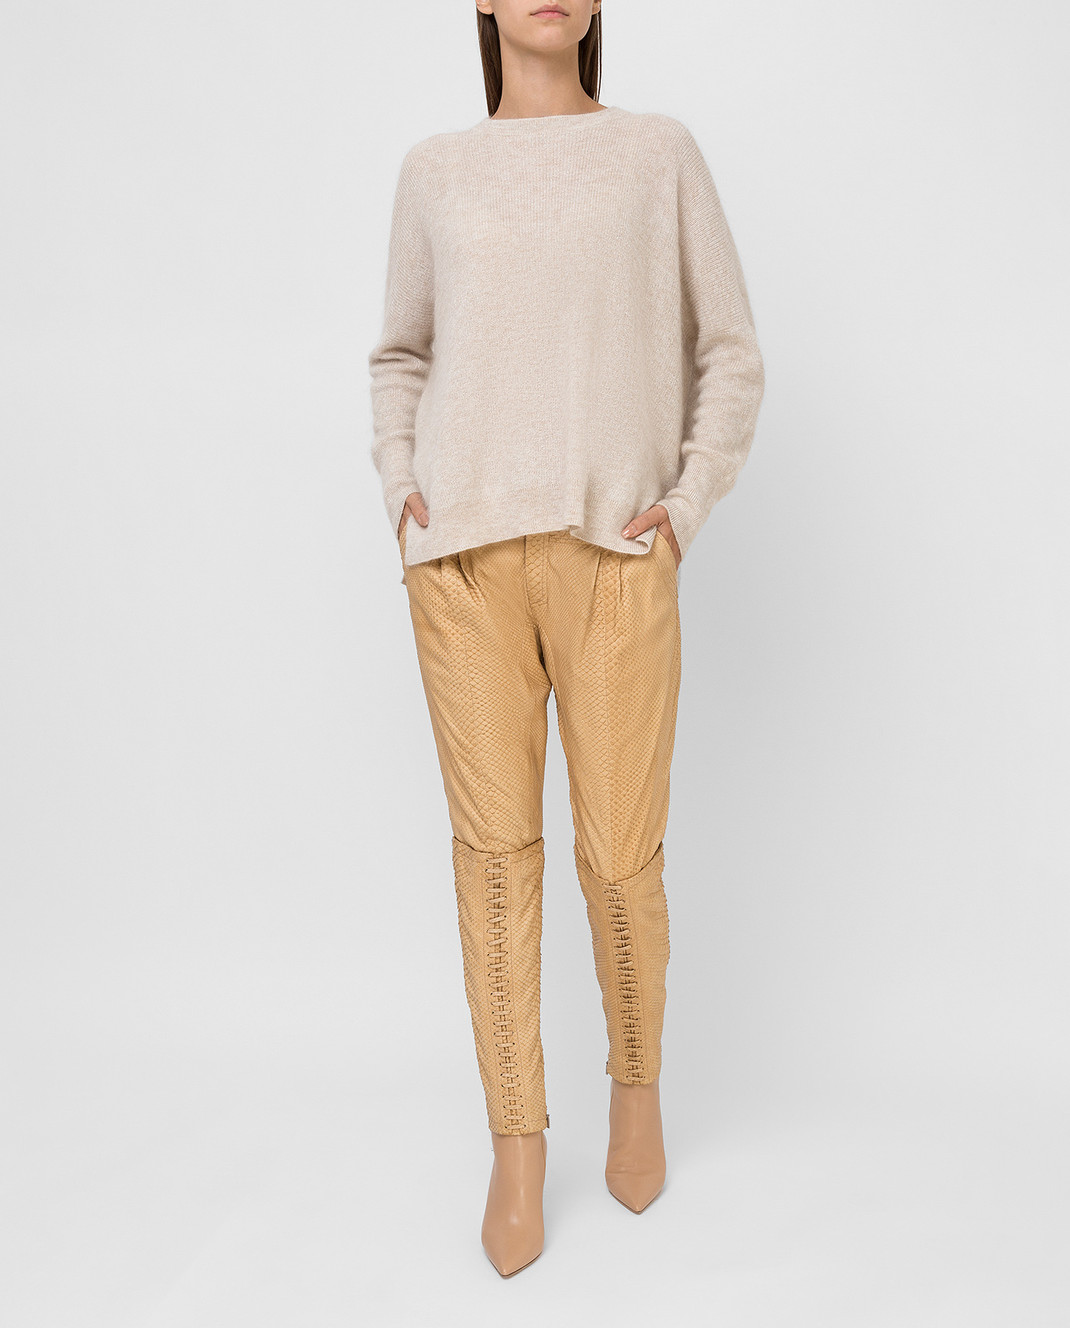 Gucci Бежевые брюки из кожи питона 264366 изображение 2